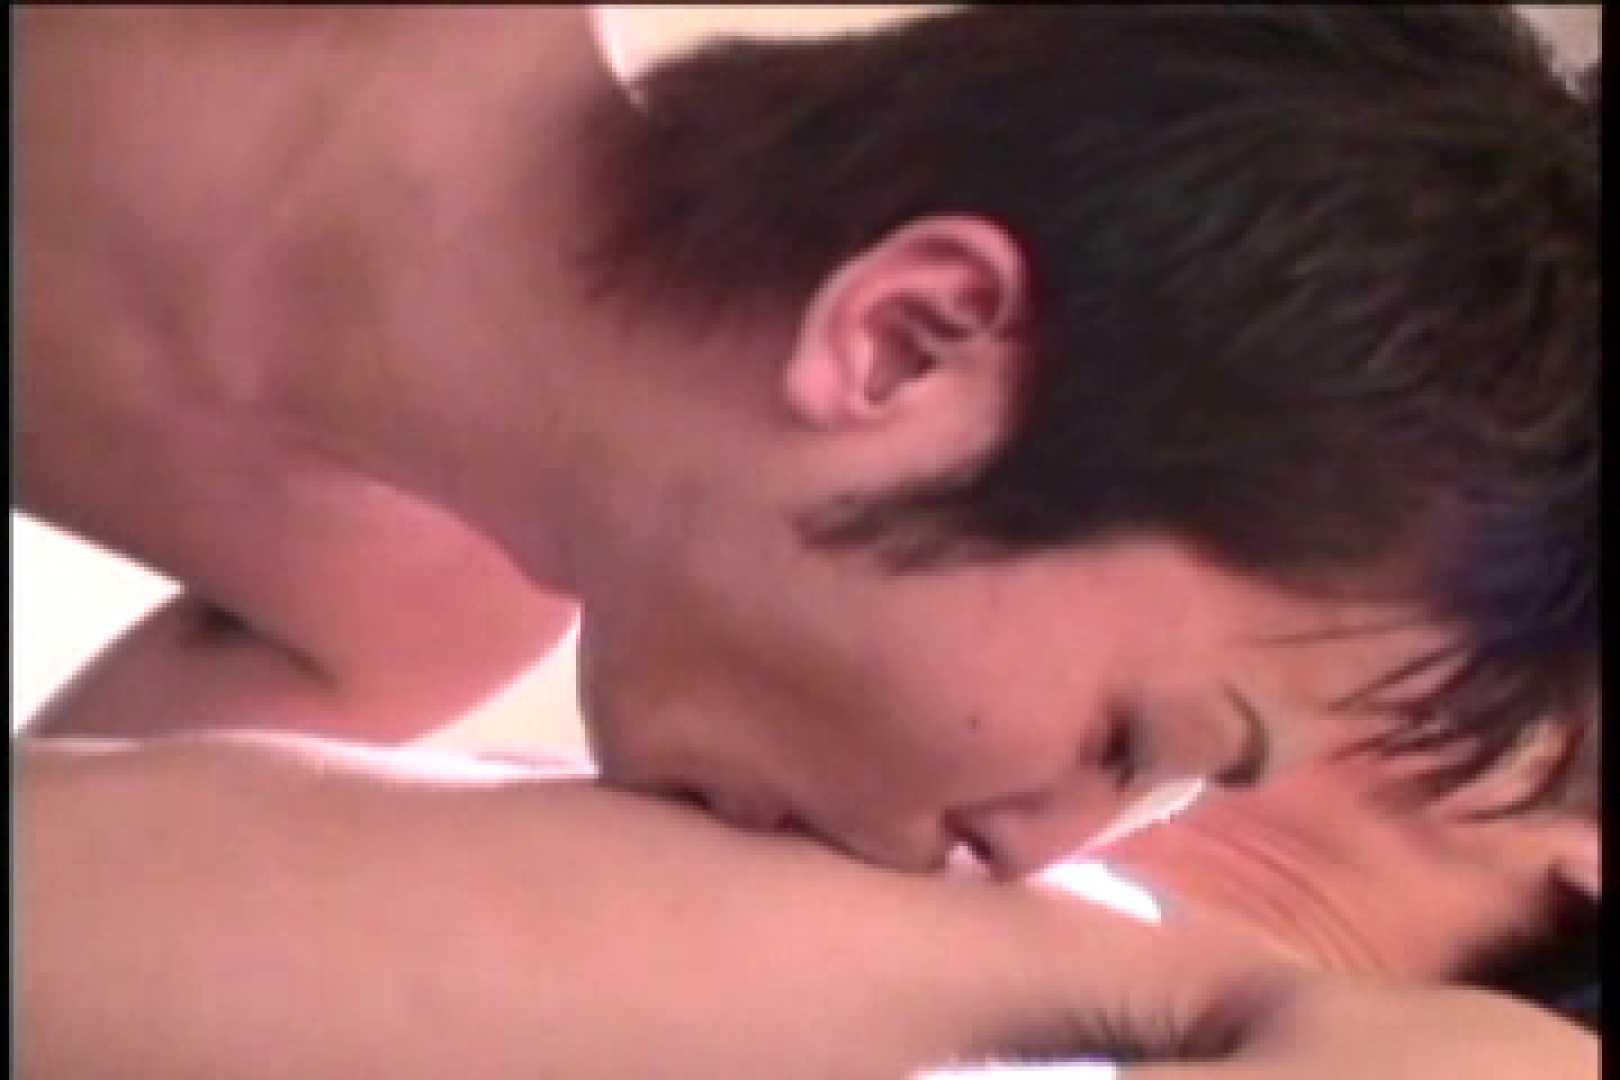 実録!!若き薔薇族の記録 file.03 ディルド ゲイエロ動画 63枚 2